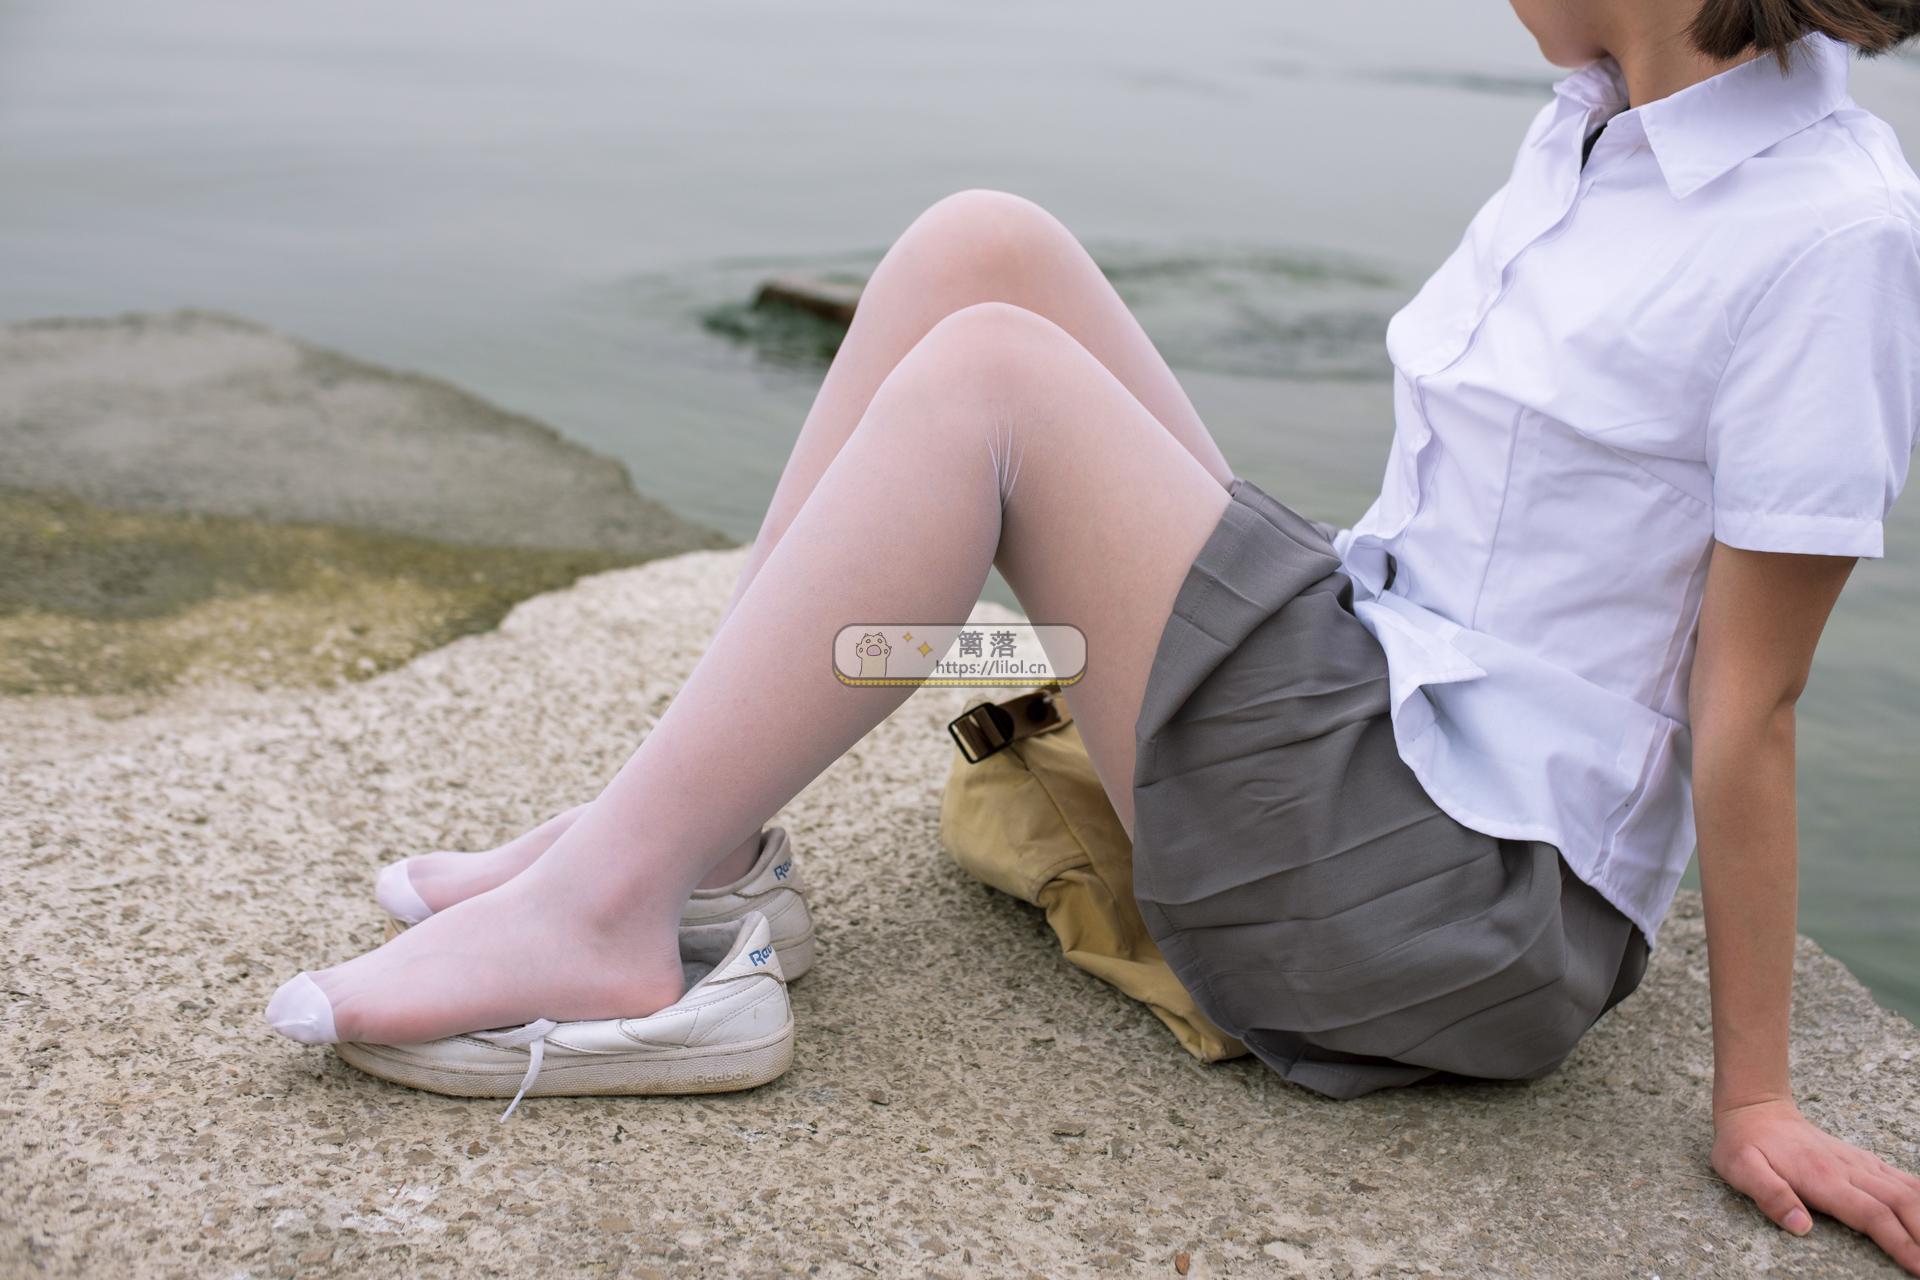 【BETA系列】森萝财团写真 BETA-014 超薄白丝JK制服野外写真 [85图-0视频-946MB] BETA系列 第7张